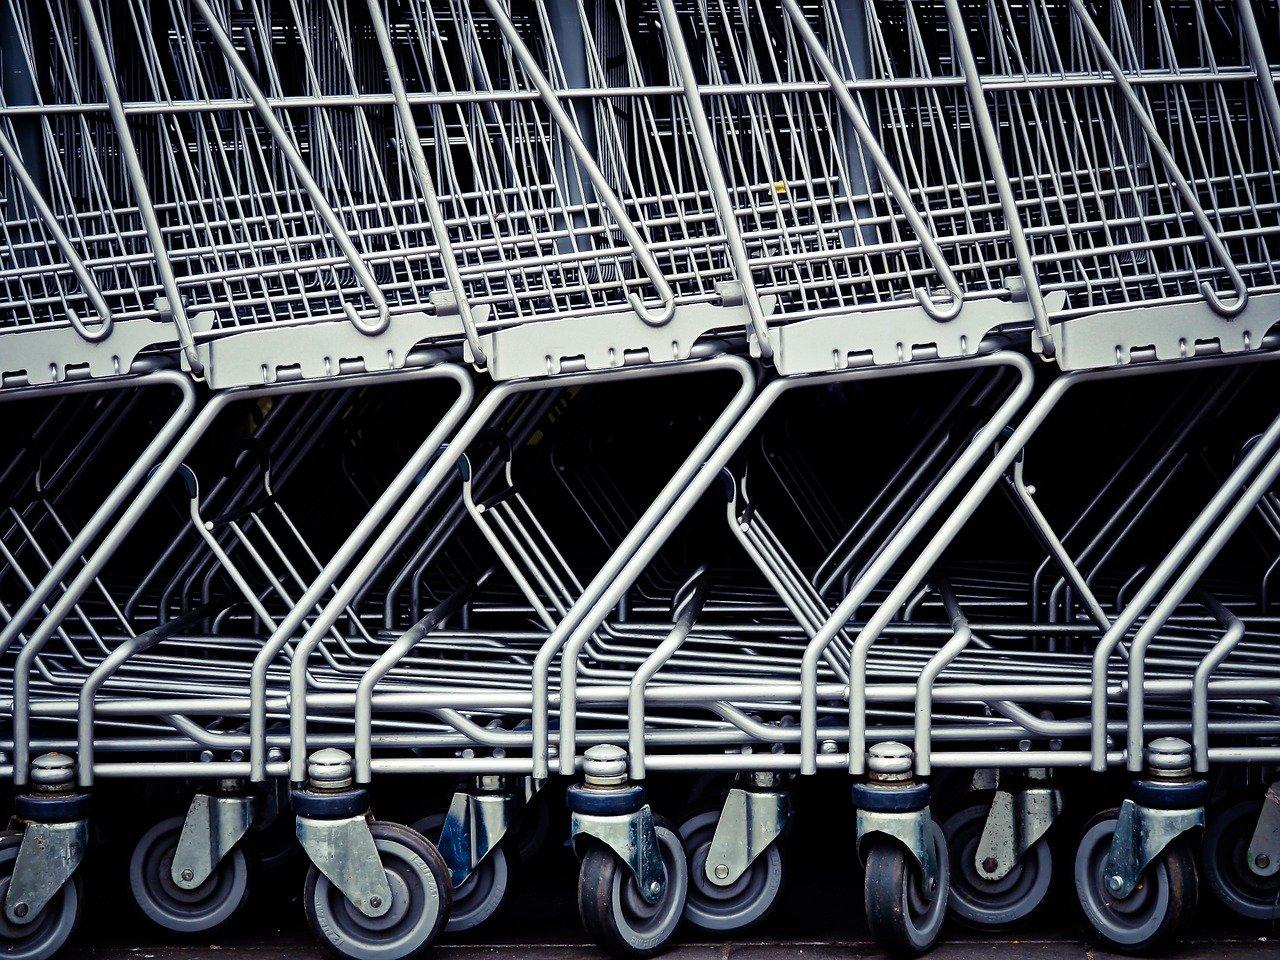 Zaprtje trgovin: zmaga za delavce, klofuta delodajalcem in udarec za gospodarstvo